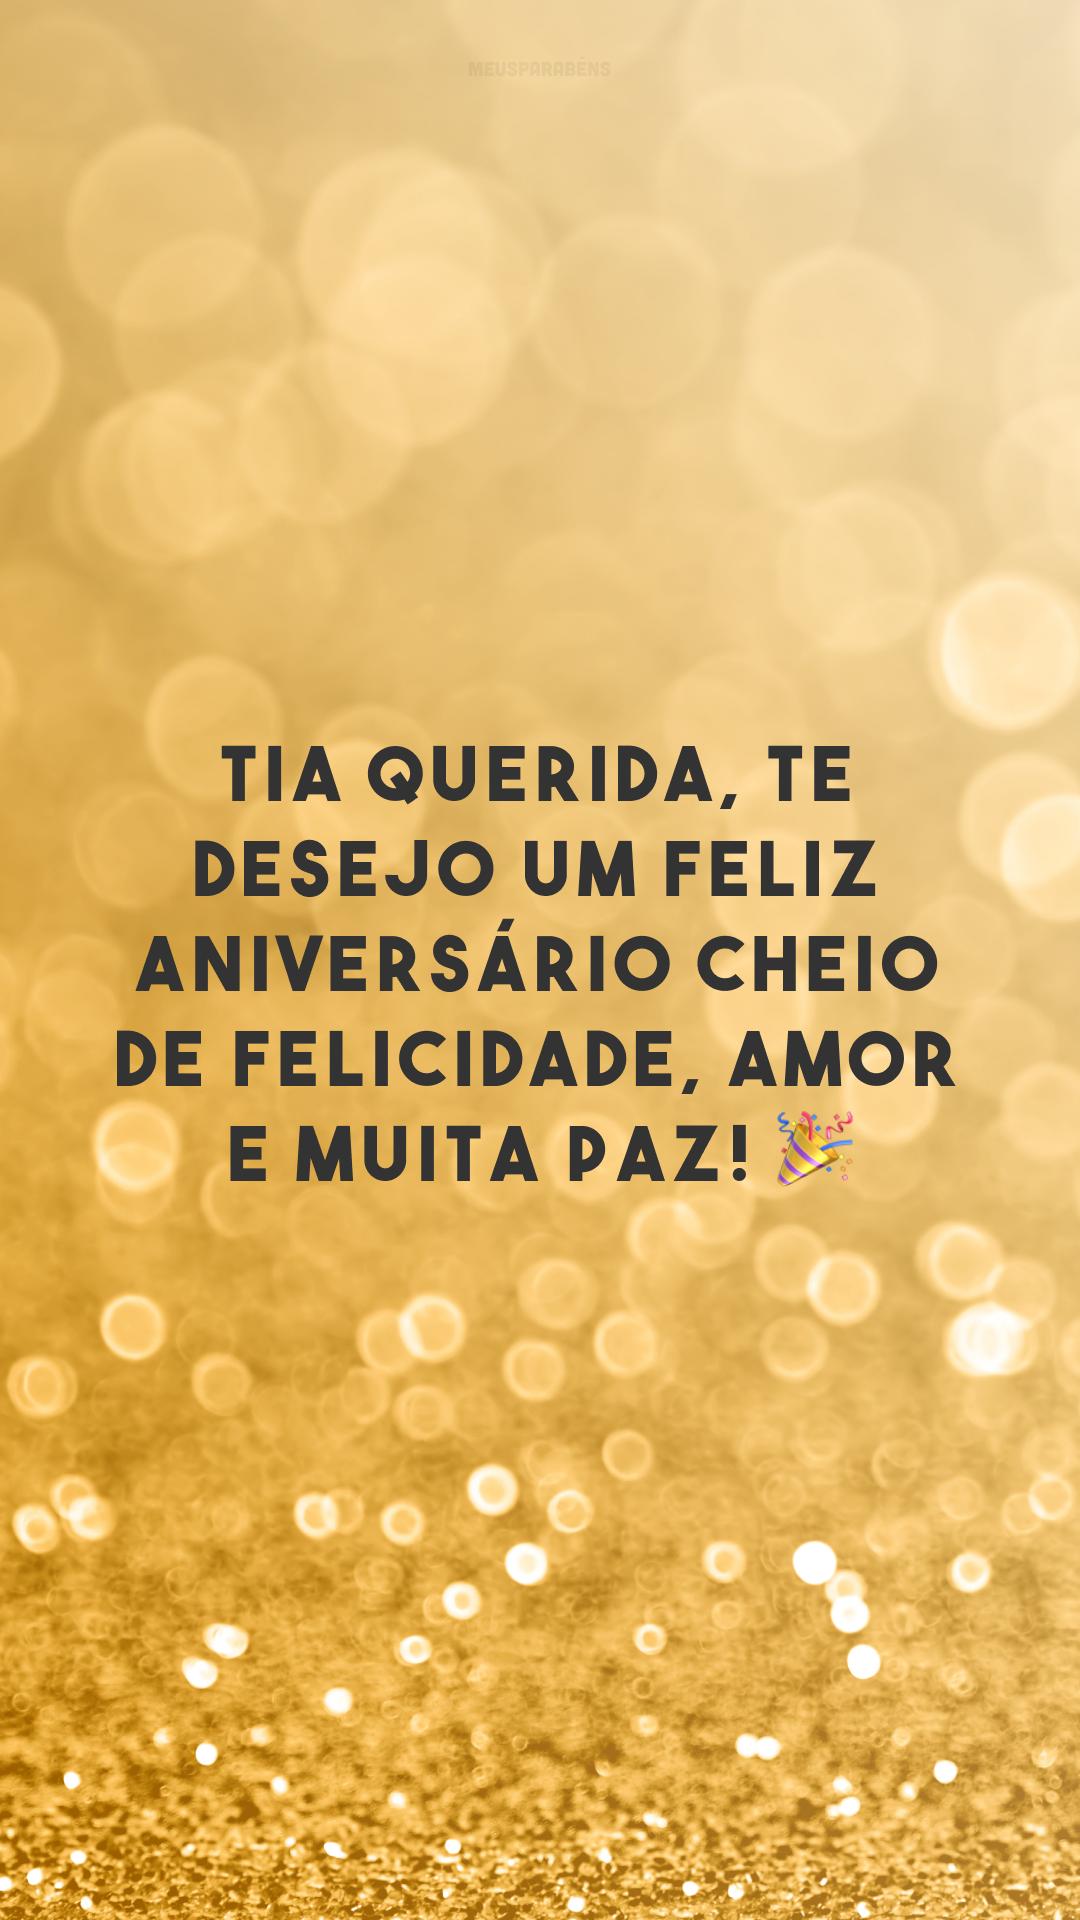 Tia querida, te desejo um feliz aniversário cheio de felicidade, amor e muita paz! 🎉